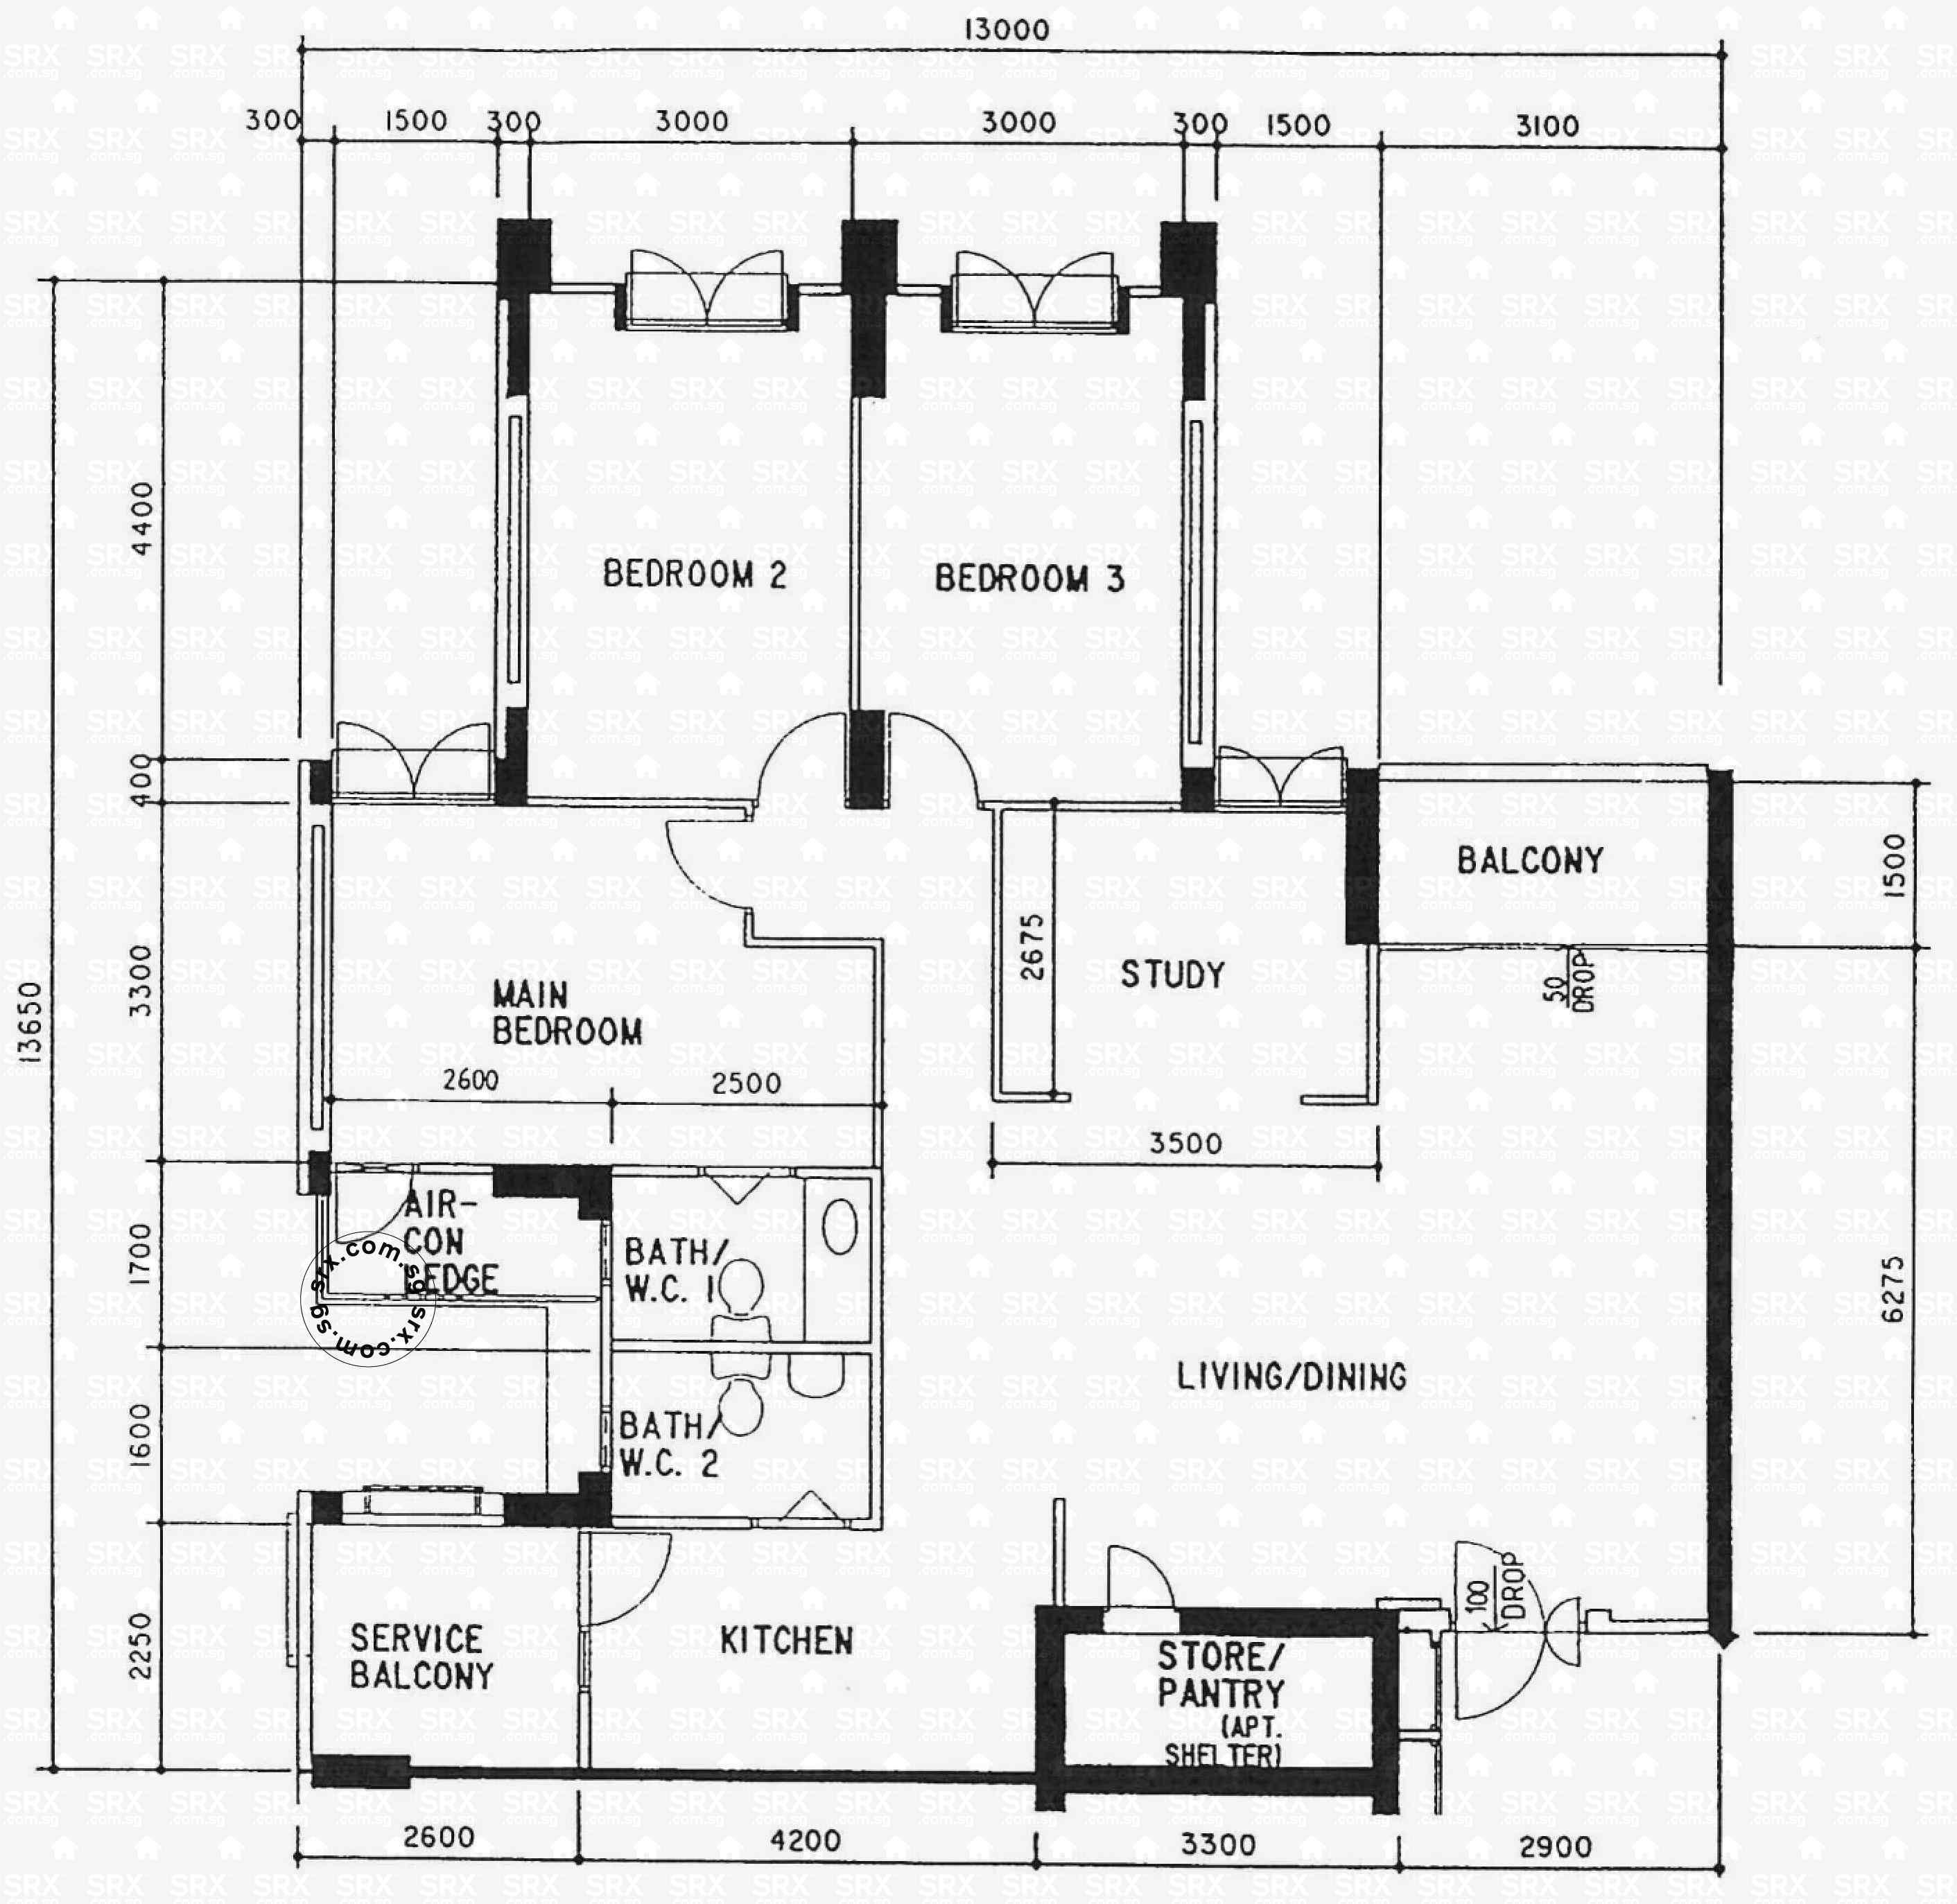 Anchorvale link hdb details srx property for Room planning website